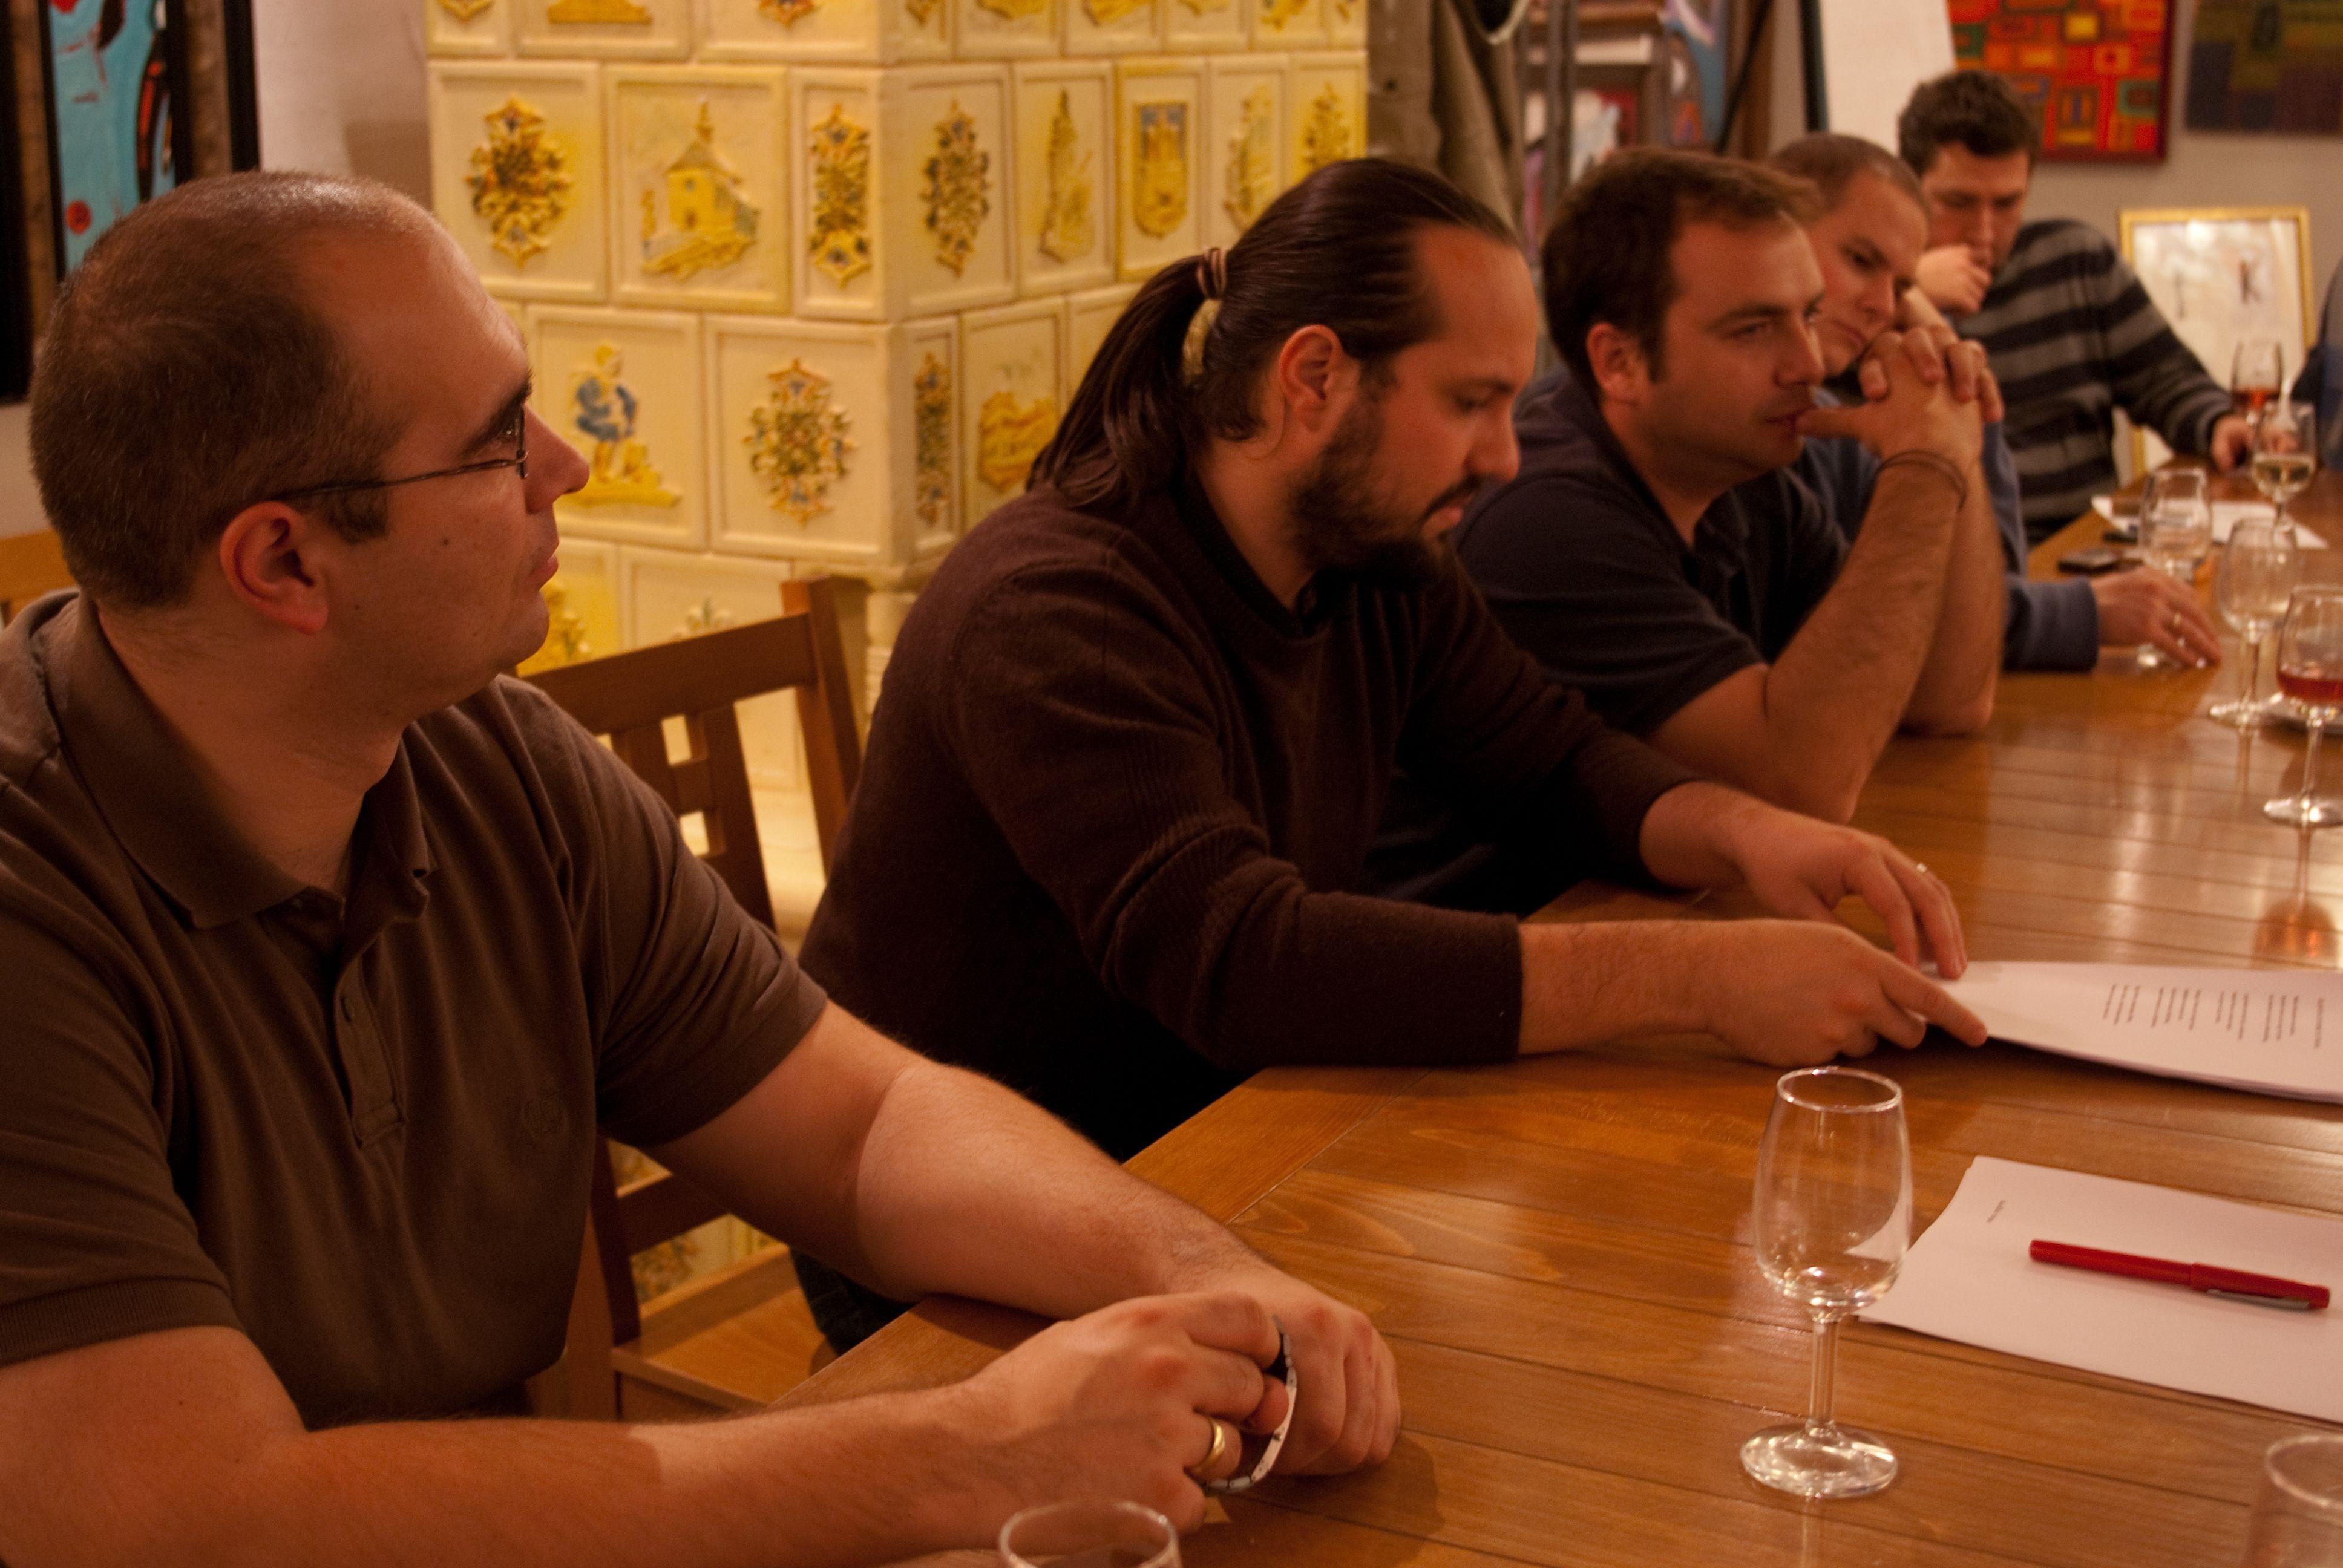 Sejthetőek a következményei annak, ha egy írótábor egyik fő tematikája a bor és a borfogyasztás. Különöse